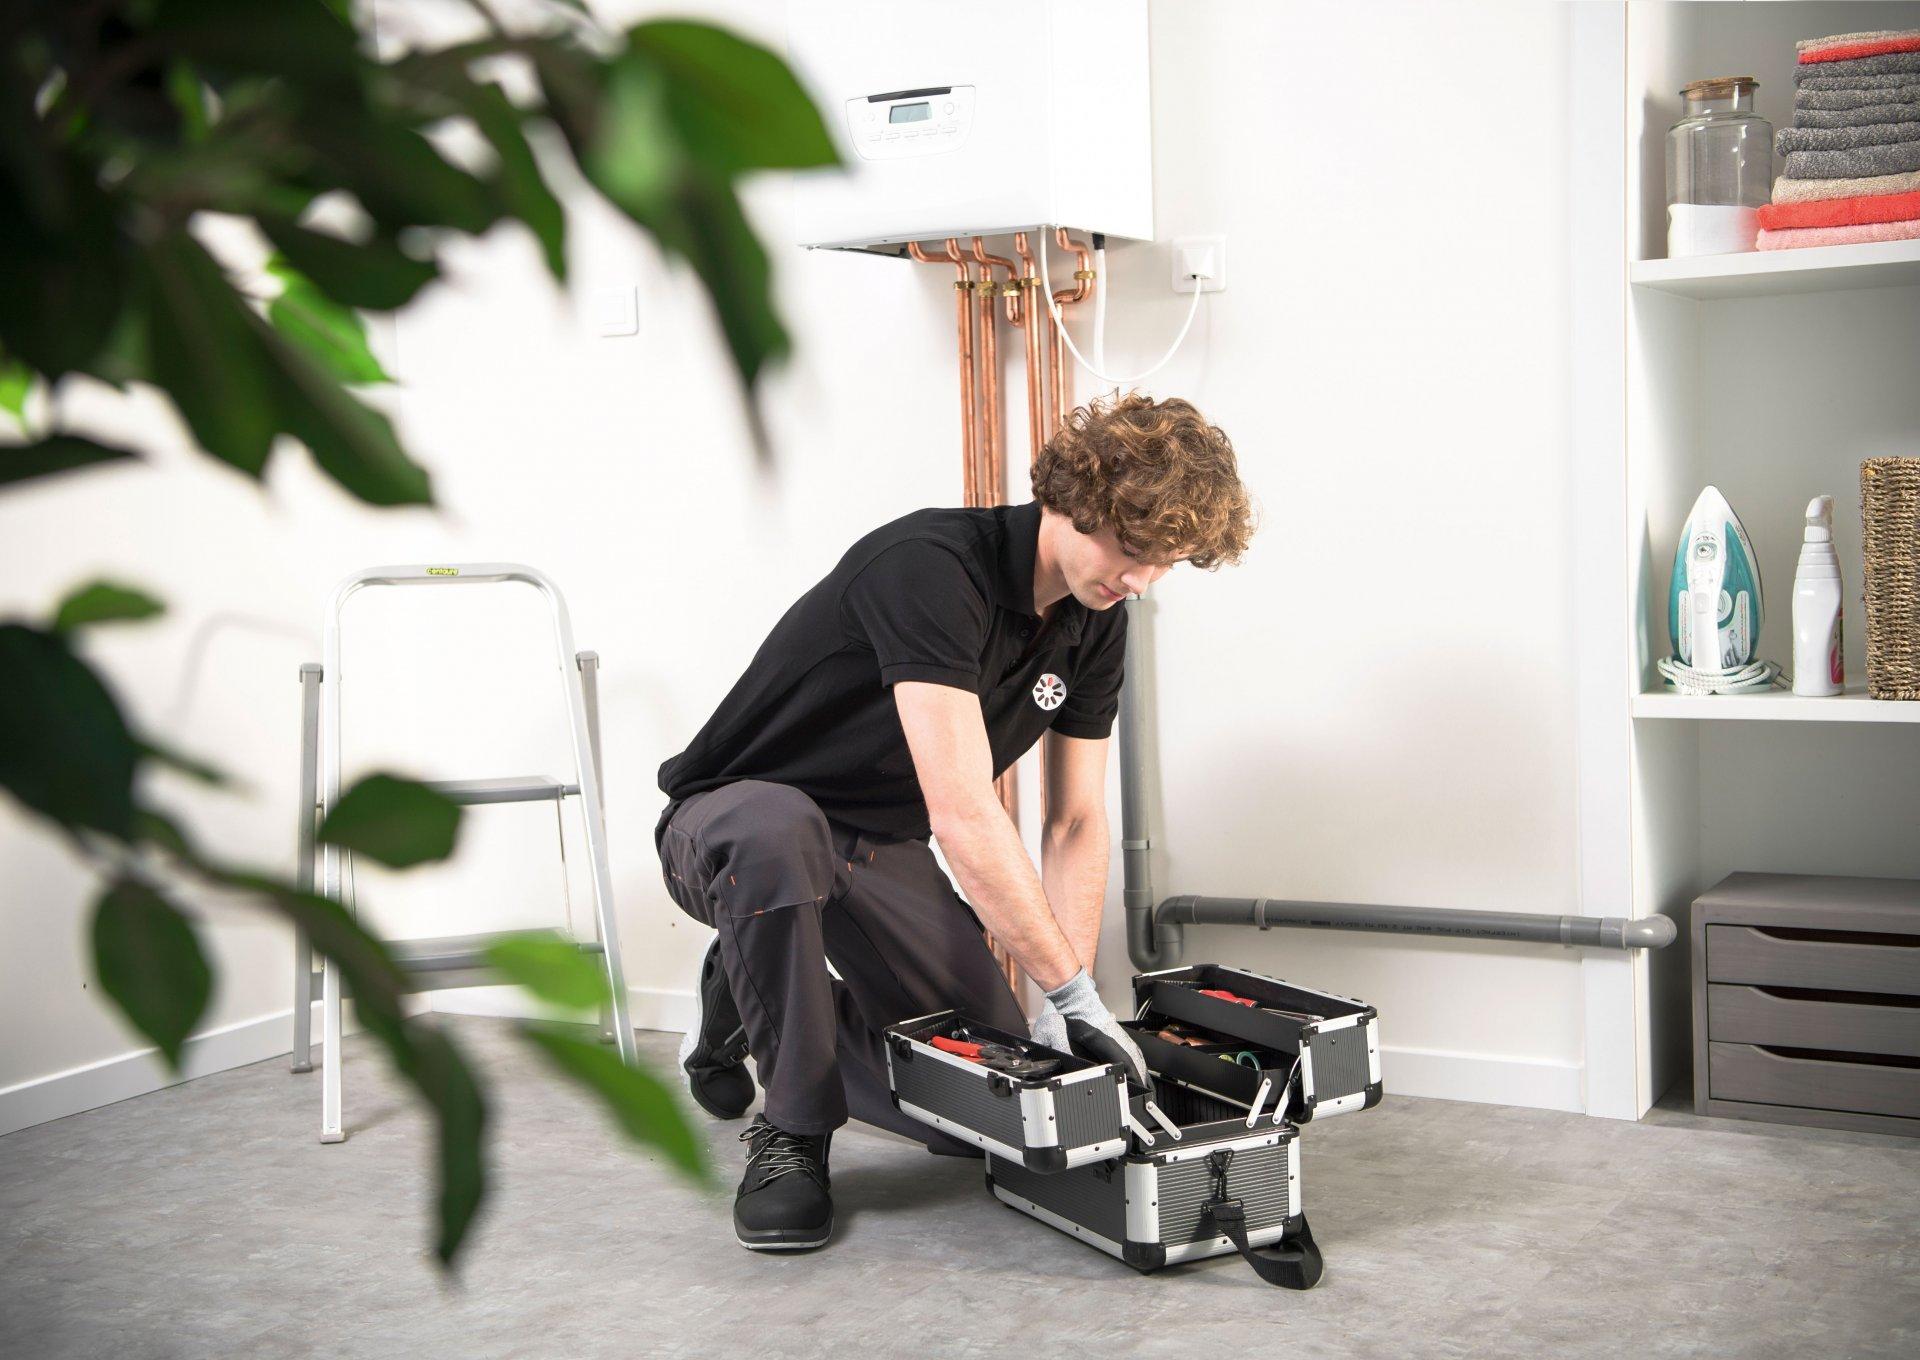 technicien chauffagiste et boite à outils pour entretien chaudière gaz